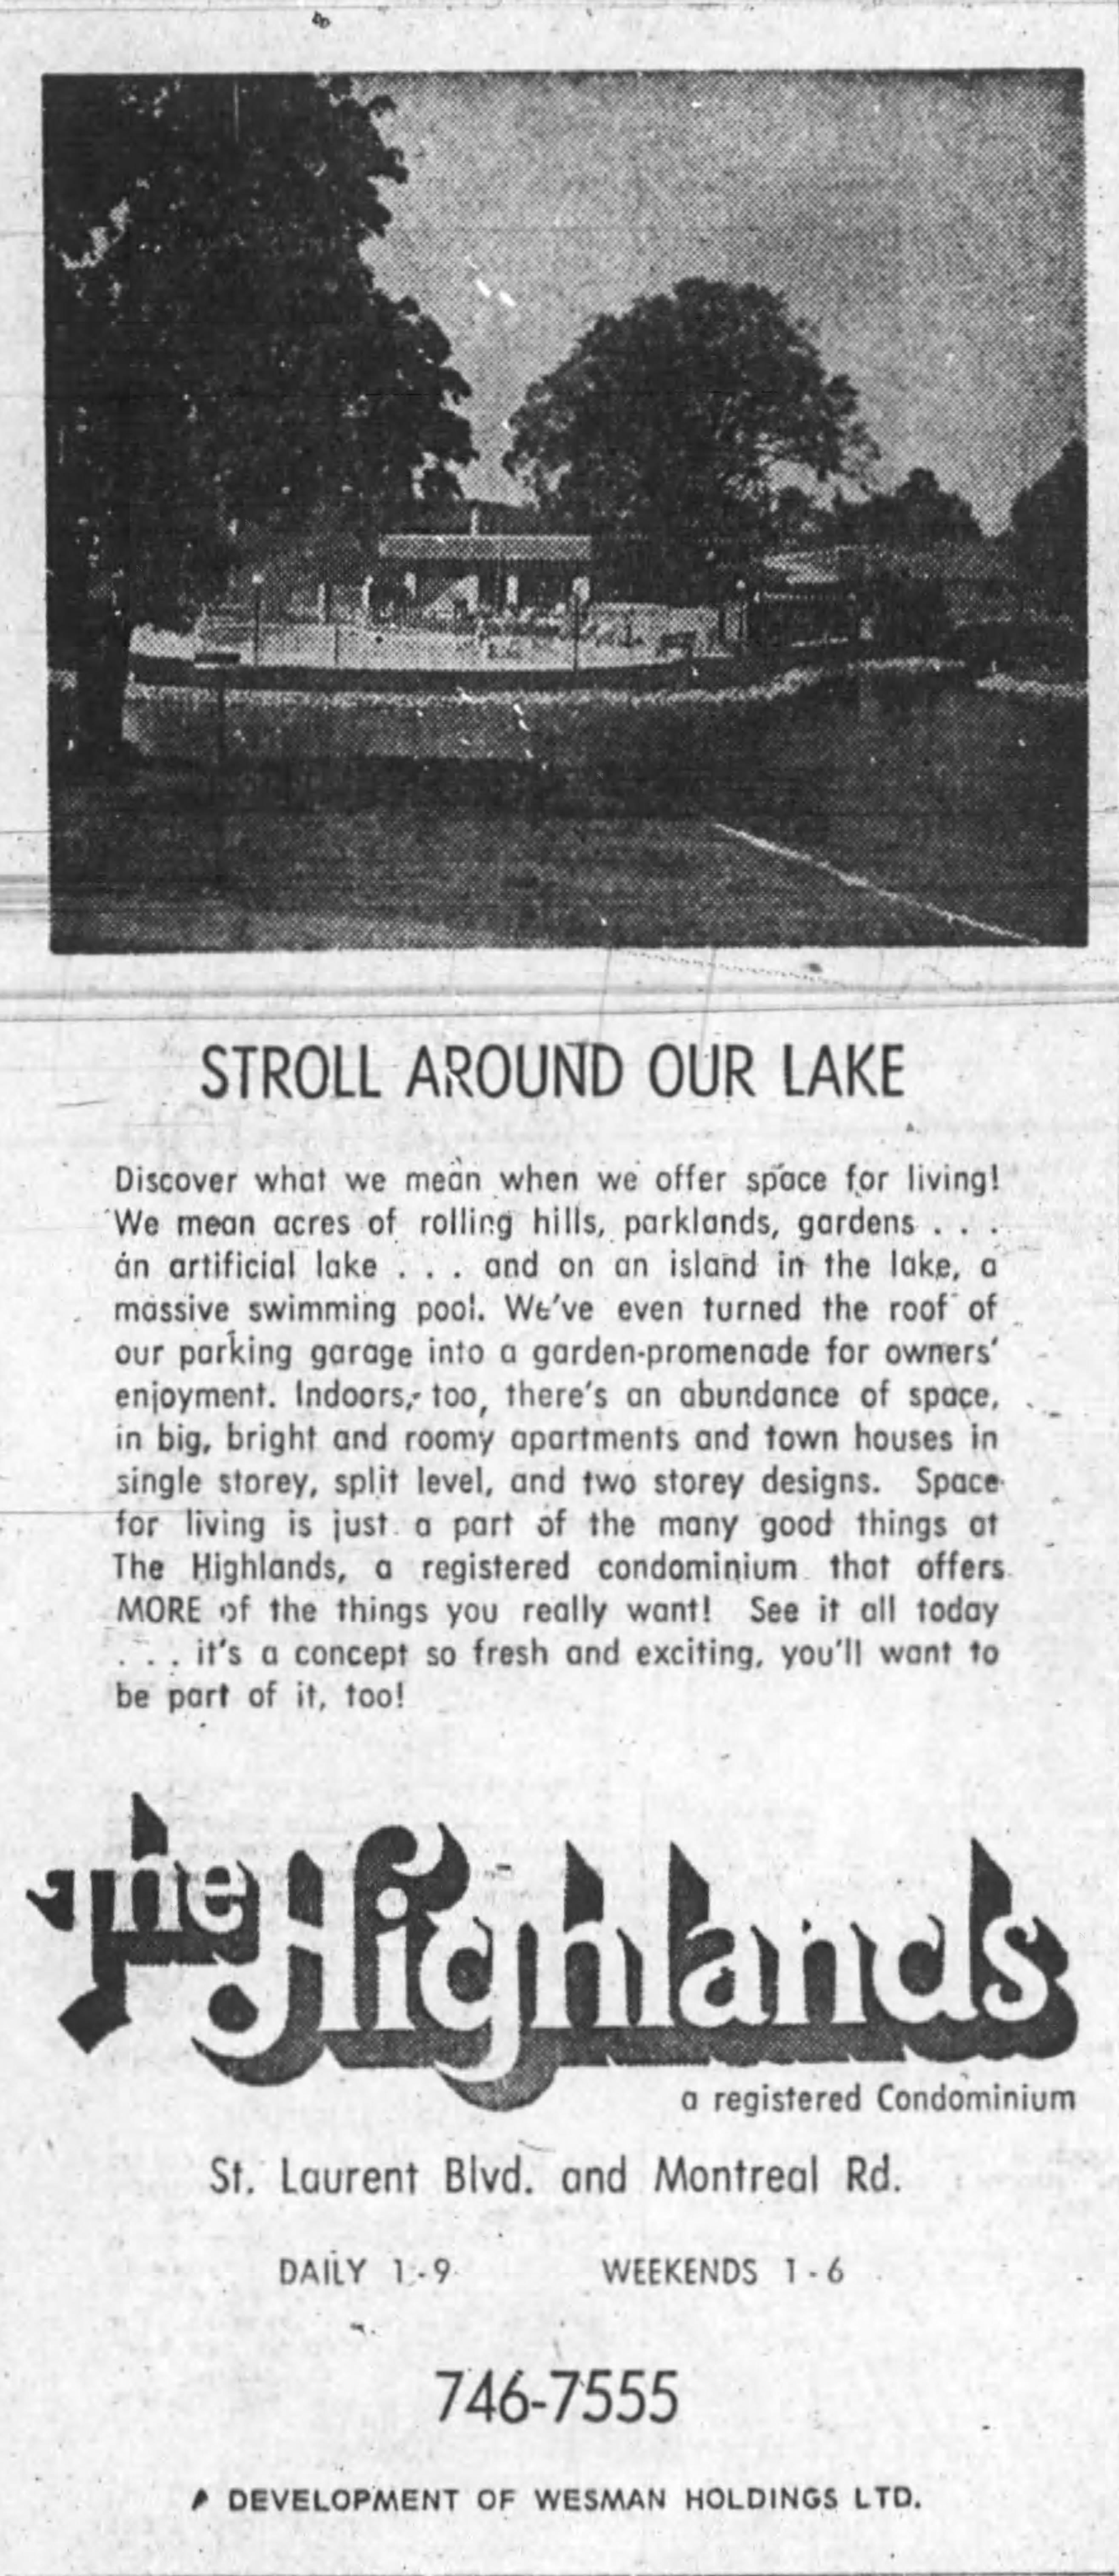 Source: Ottawa Journal, January 2, 1973, 35.